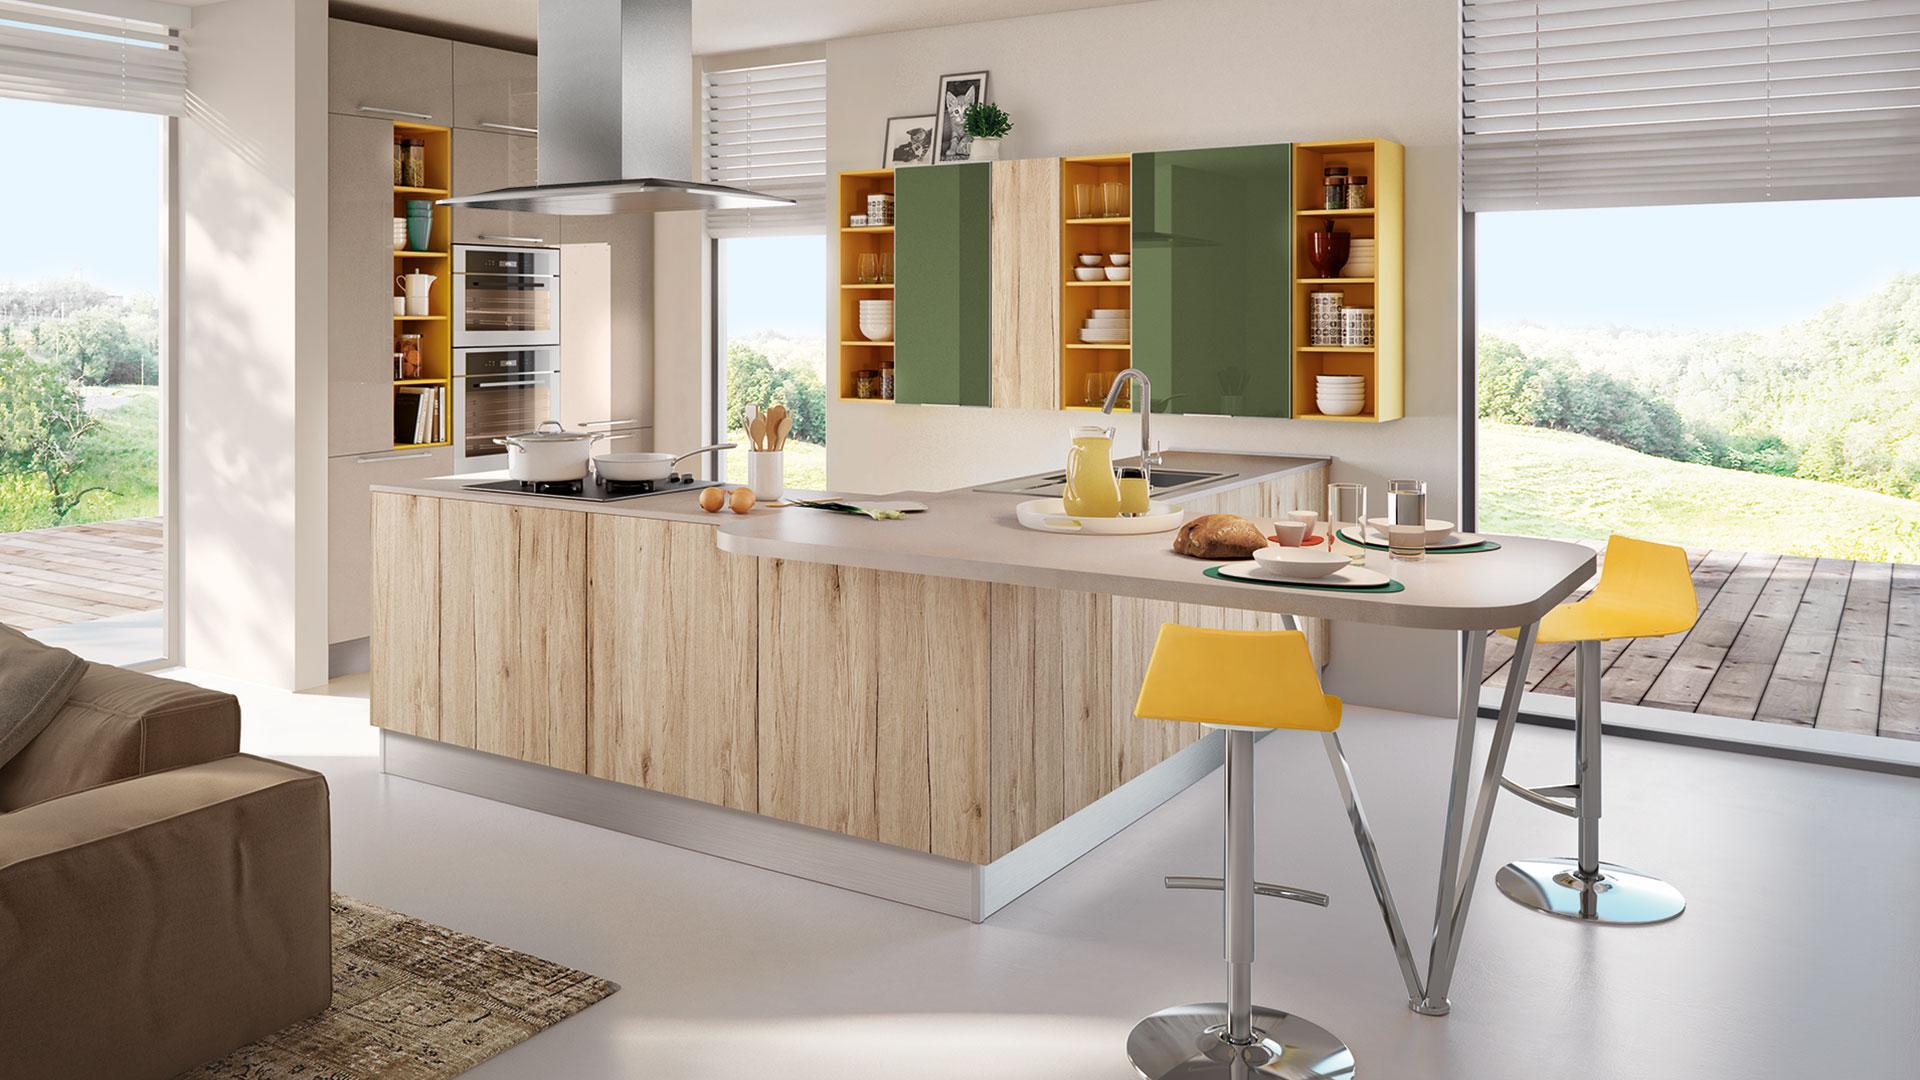 Le cucine bicolore, la nuova tendenza per la casa - Lube Store ...